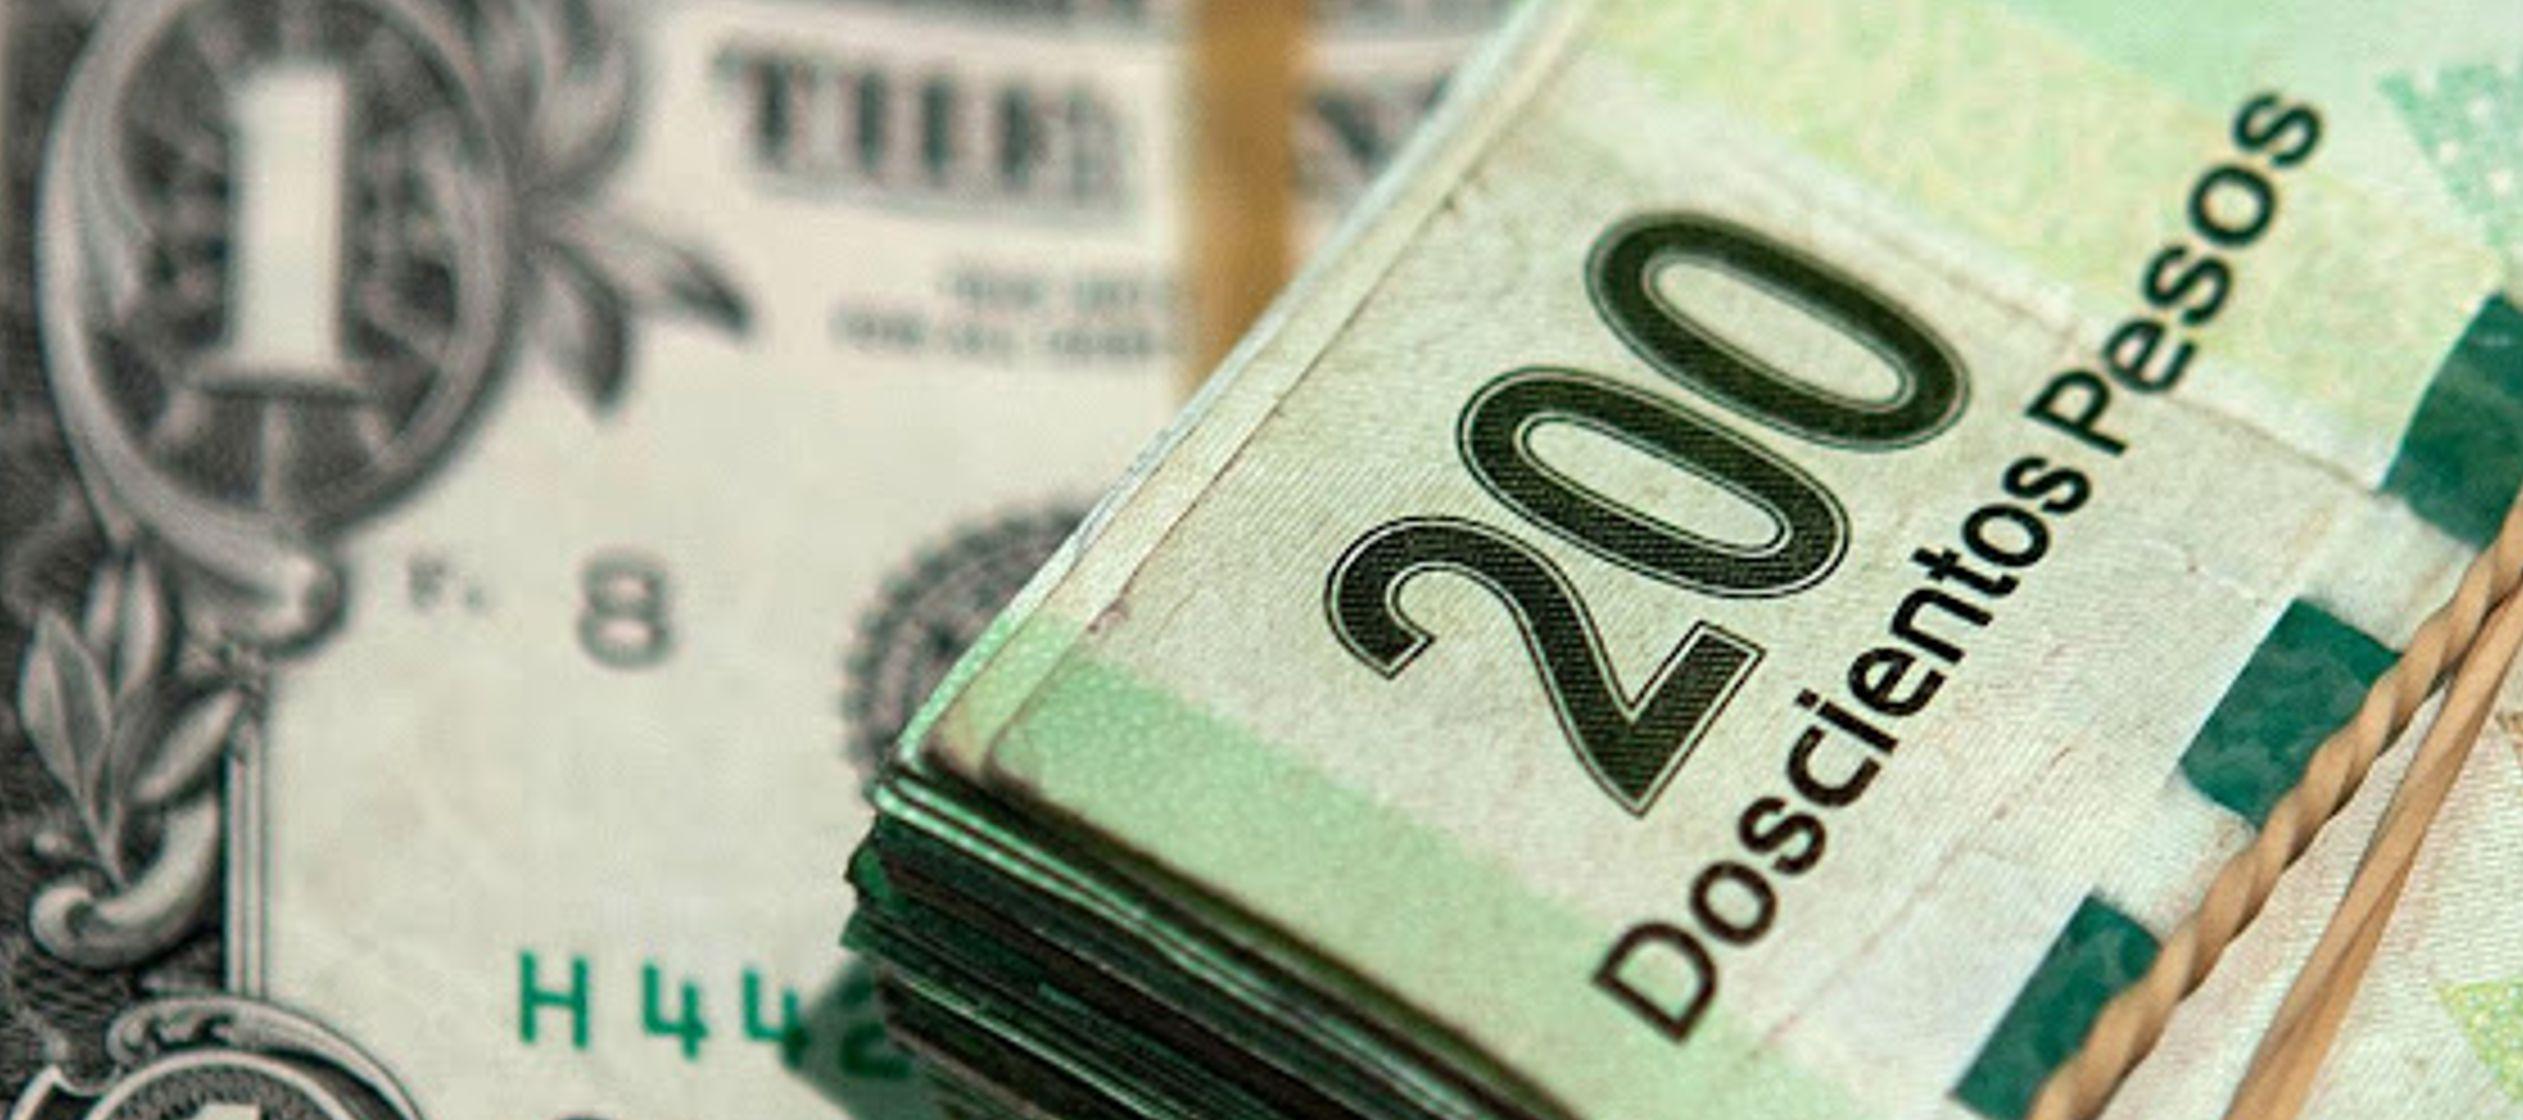 El peso inicia la sesión con una depreciación de 0.39% o 7.5 centavos